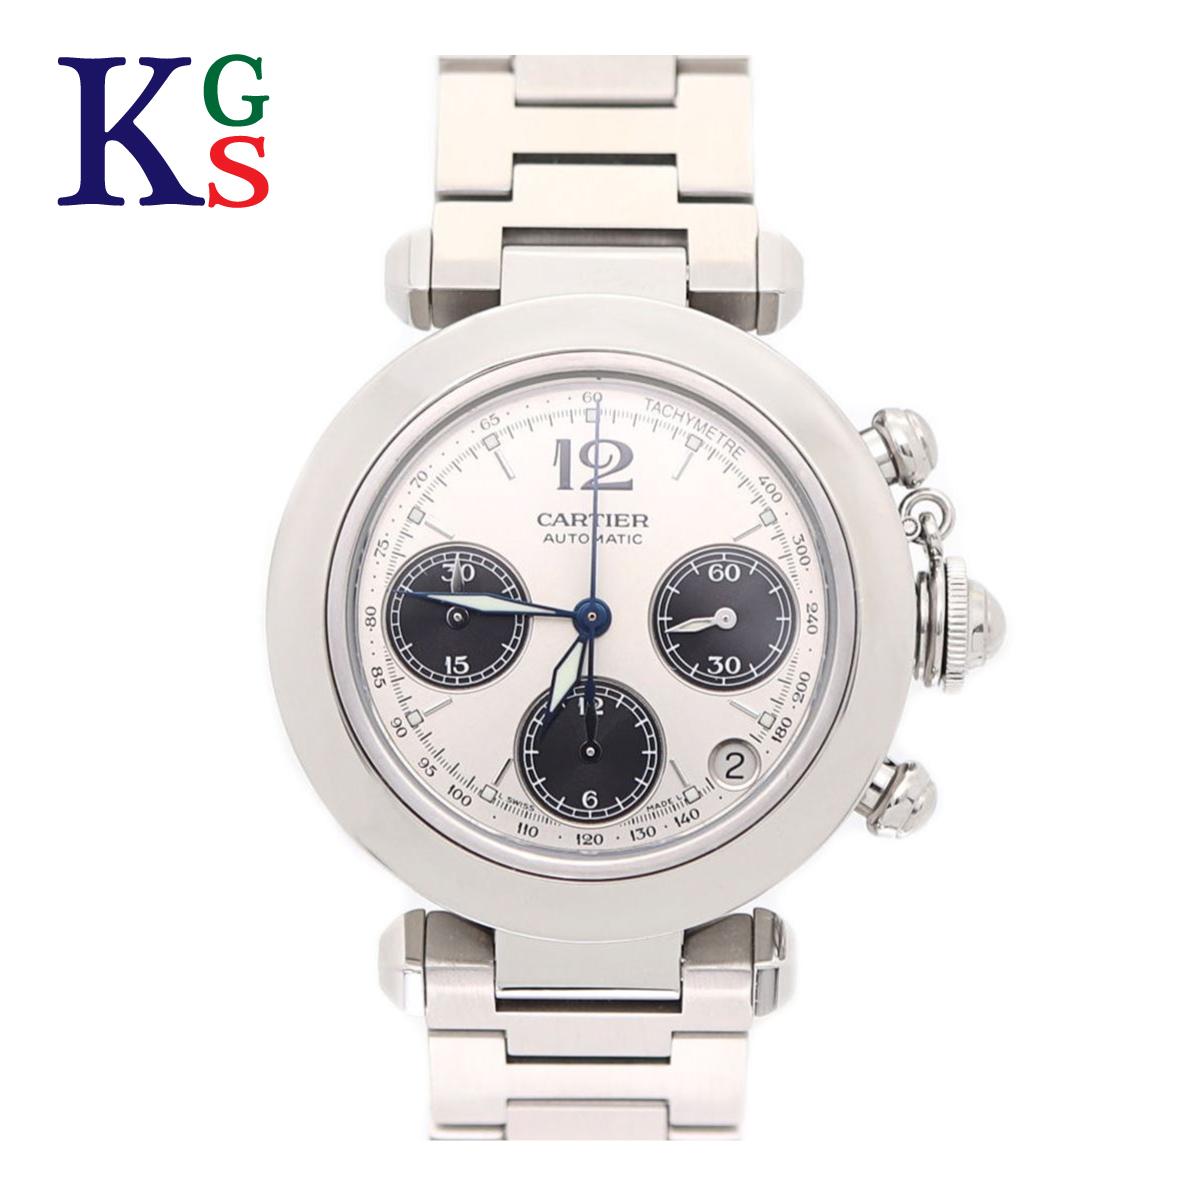 【ギフト品質】カルティエ/Cartier メンズ 腕時計 パシャC クロノグラフ シルバー文字盤 自動巻き W31048M7